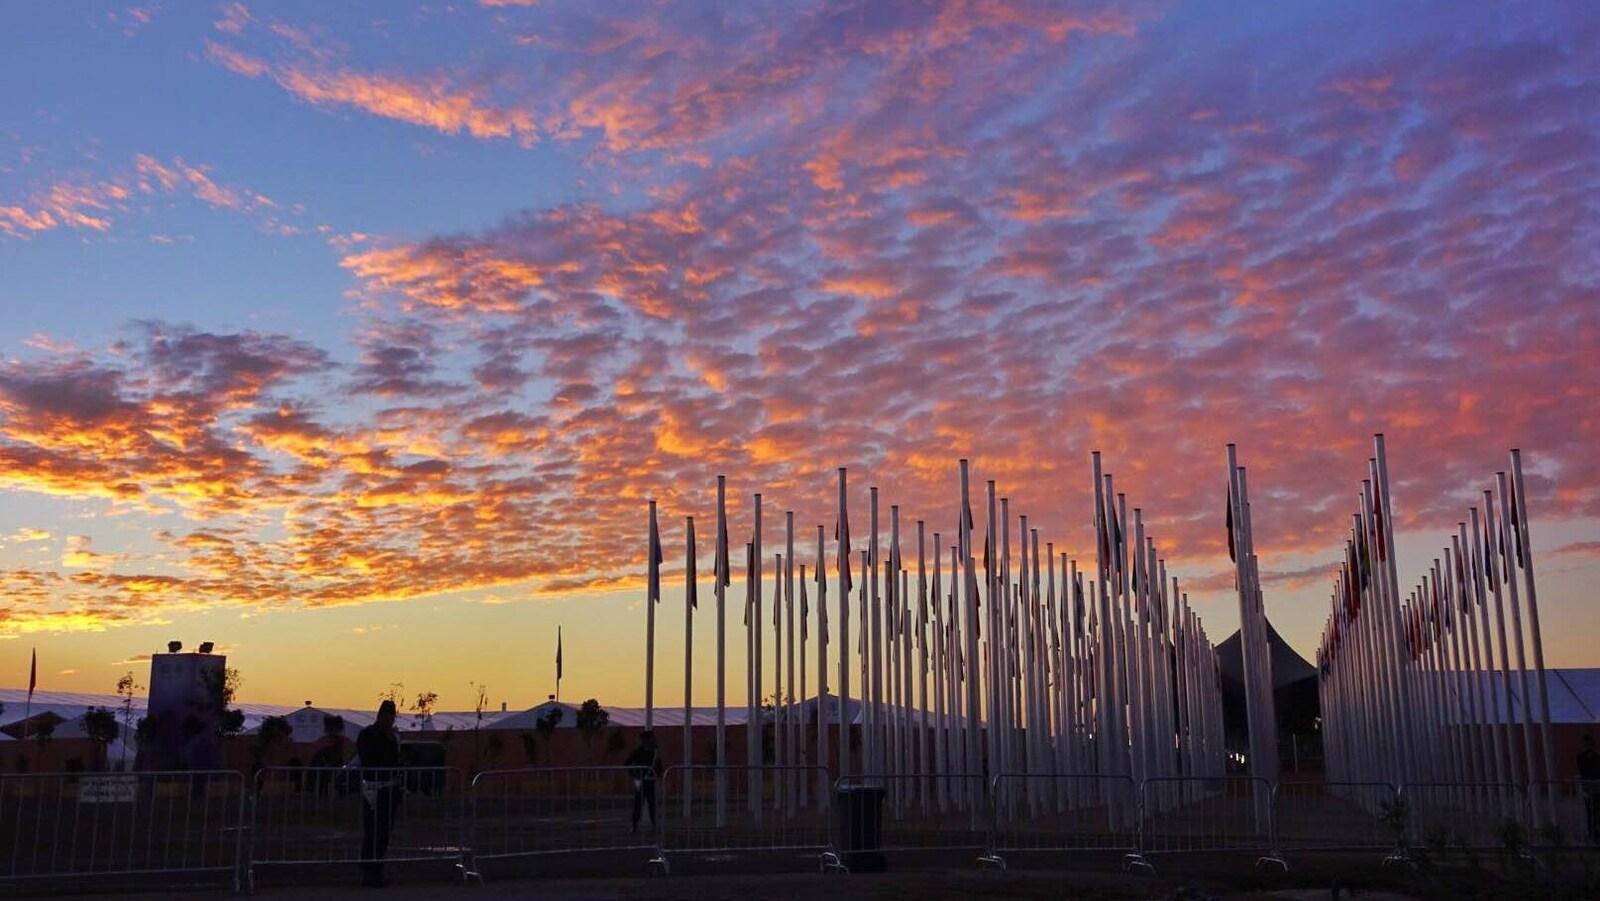 Les quelque 200 pays réunis à Marrakech dans le cadre de la COP22 se sont mis d'accord, tard vendredi soir, pour définir d'ici à décembre 2018 les modalités d'application de l'Accord sur le climat conclu l'an dernier à Paris.